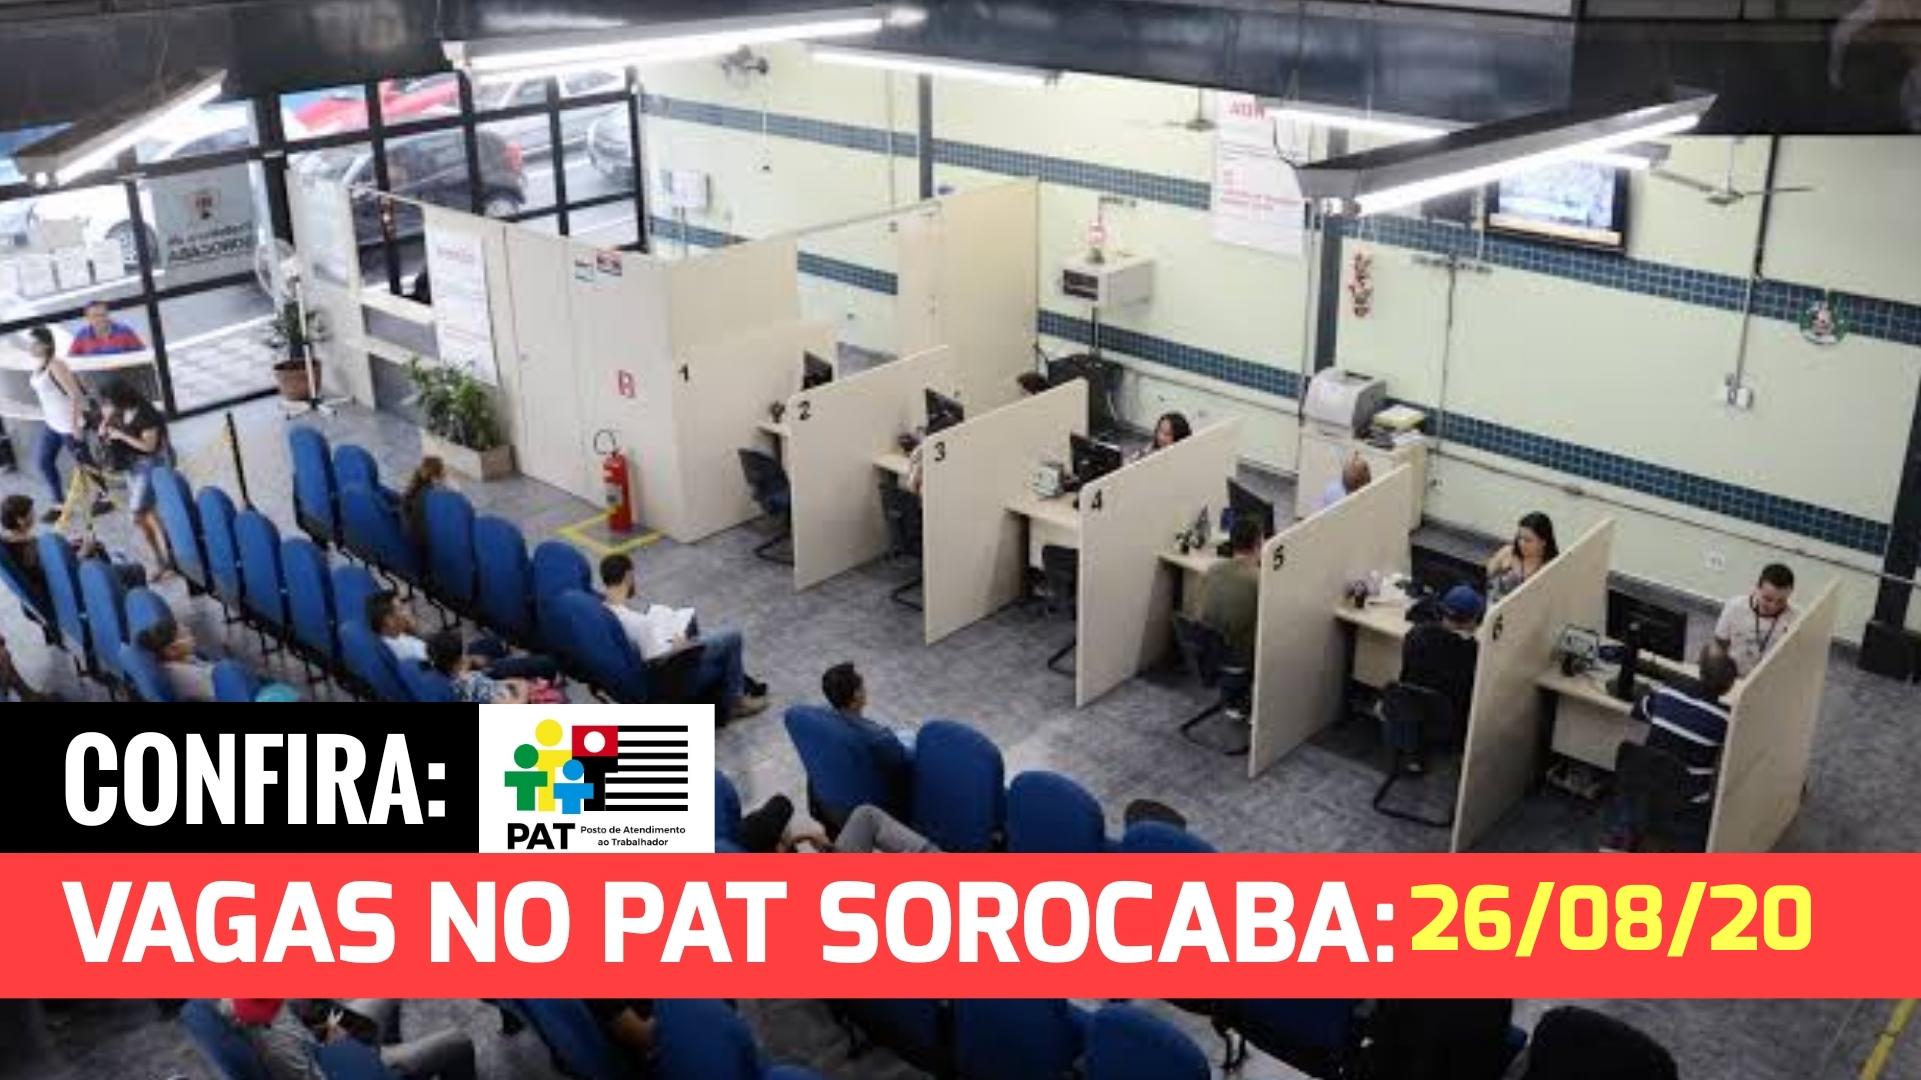 CONFIRA AS VAGAS DE EMPREGO NO PAT SOROCABA PARA O DIA 26/08/20